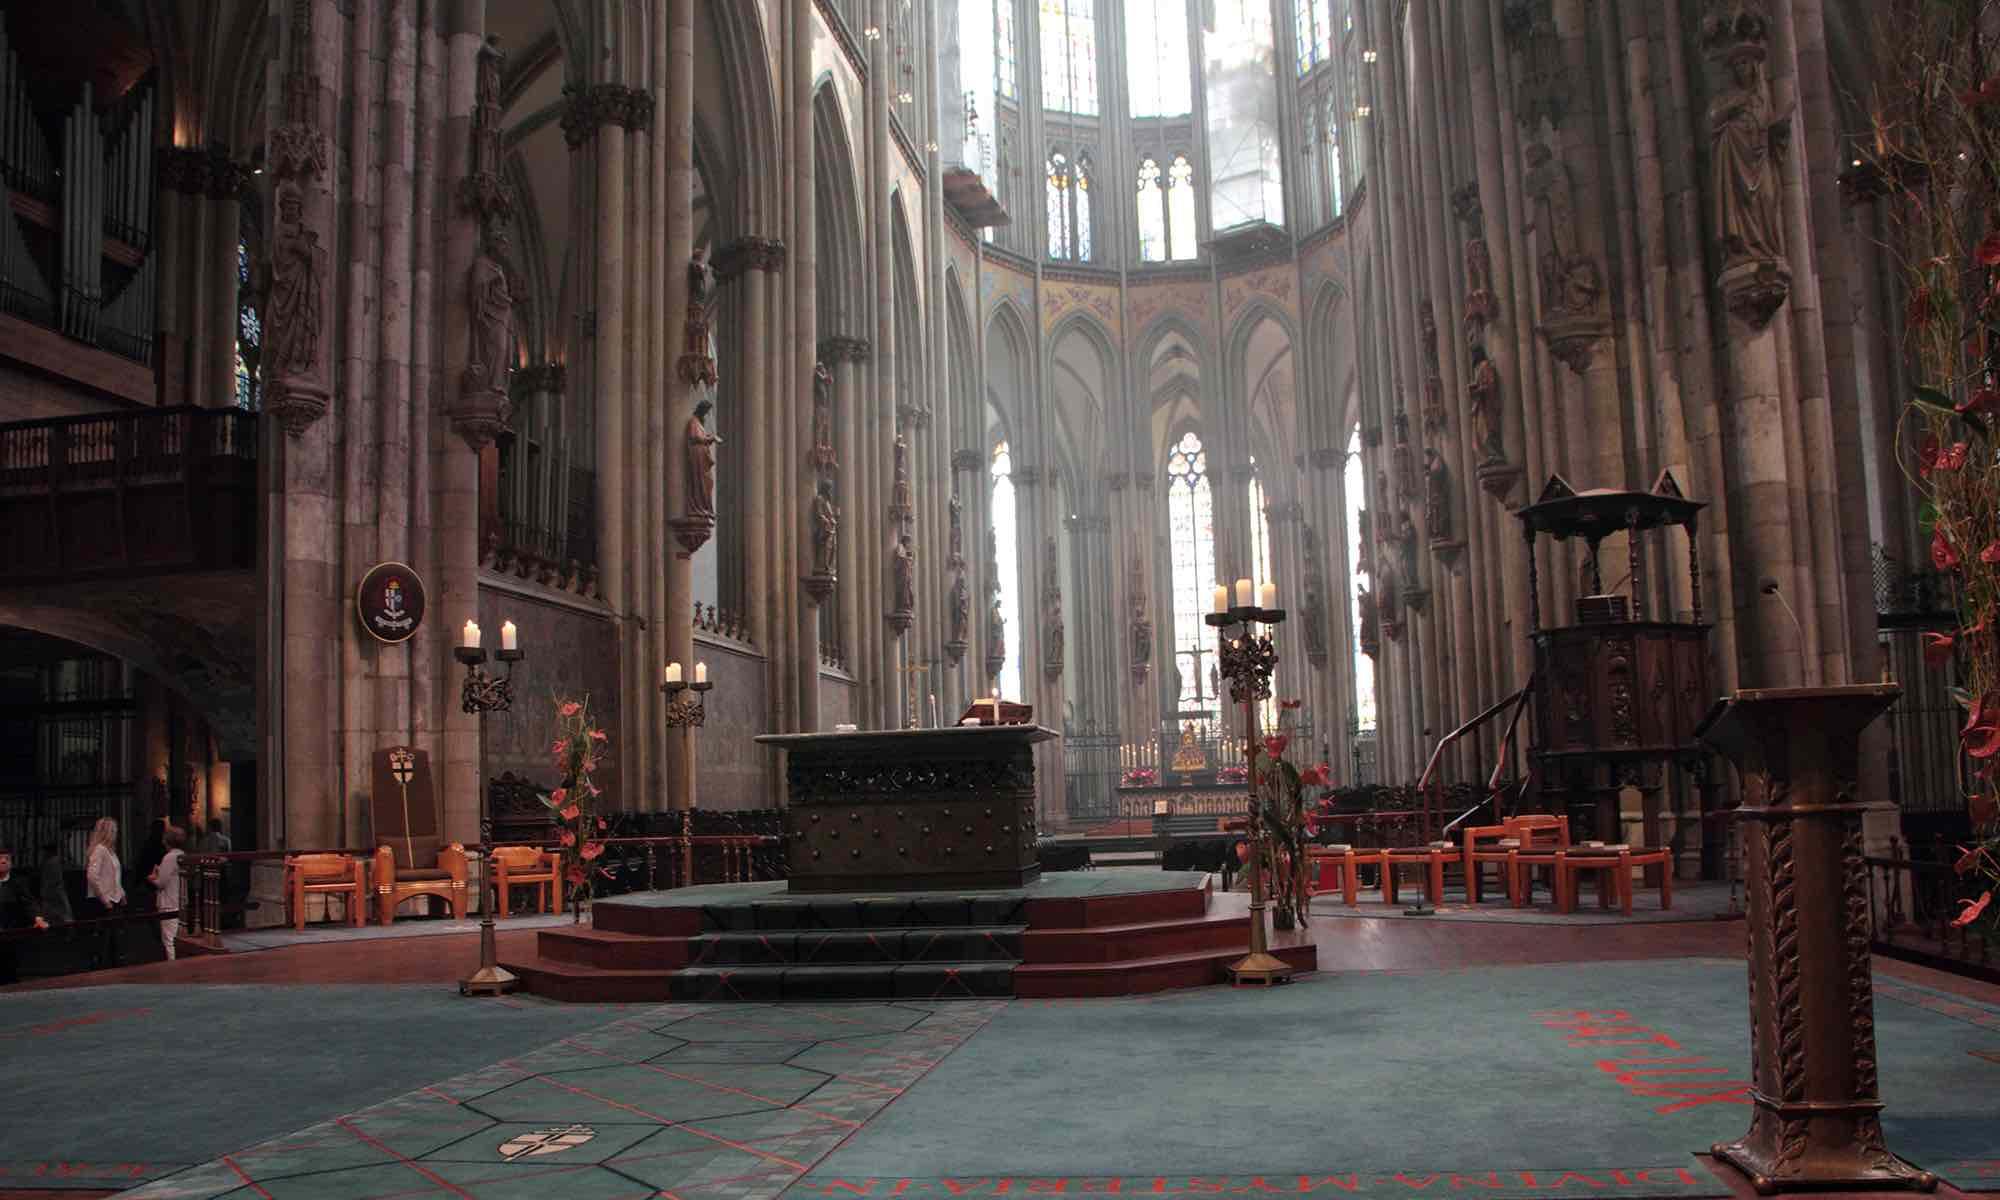 ... dann betreten wir das erste Mal den Dom und sind erfüllt von dieser Größe...